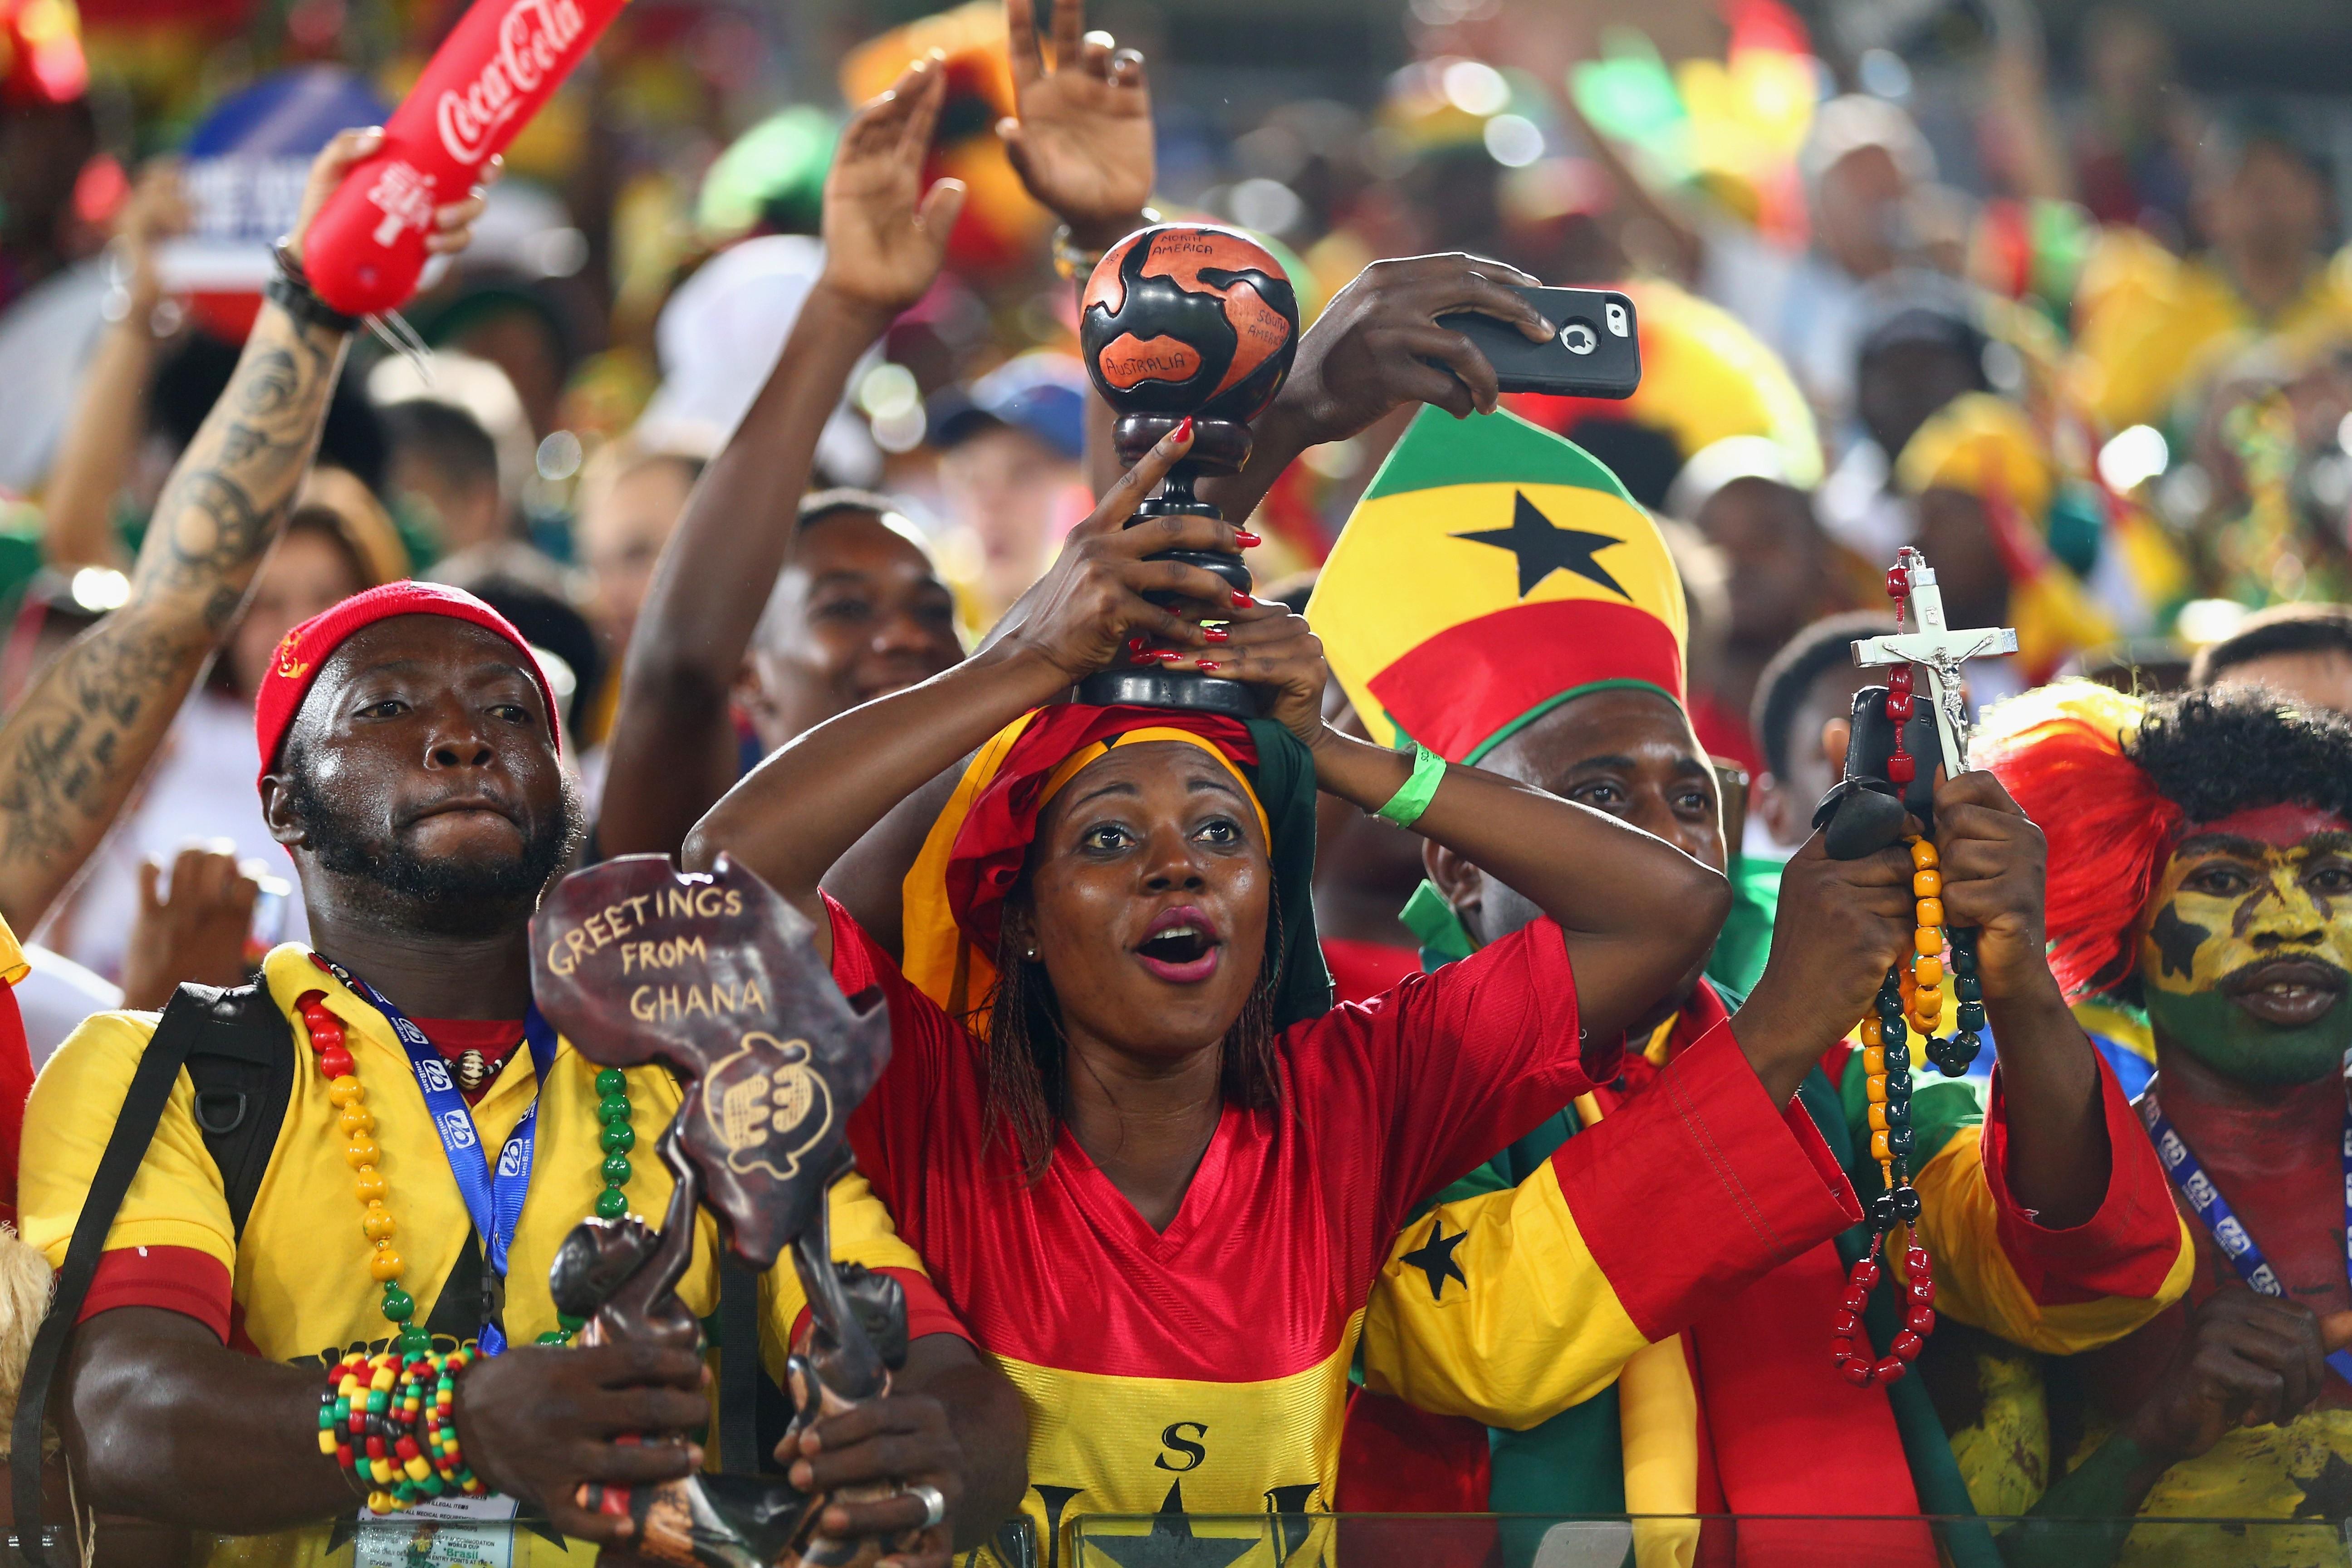 Германия - Гана. 5 вопросов матча - изображение 3